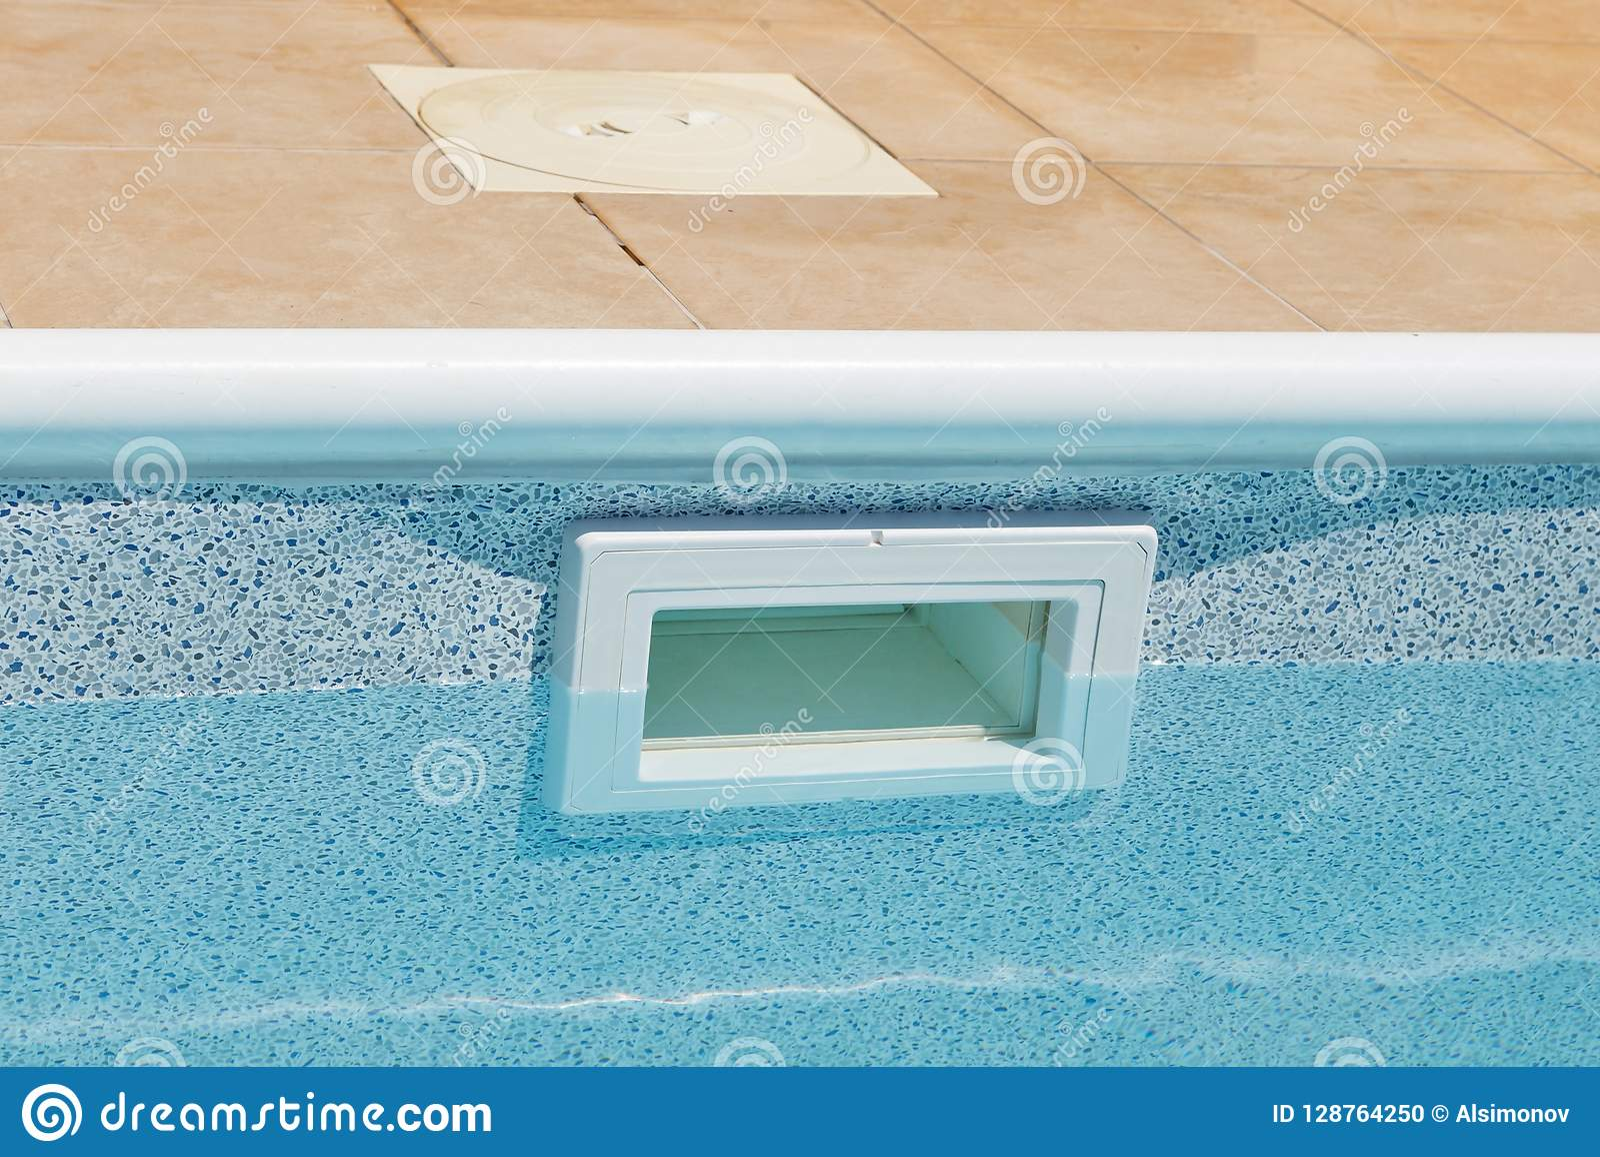 成水平在地面漏杓上的水宽嘴